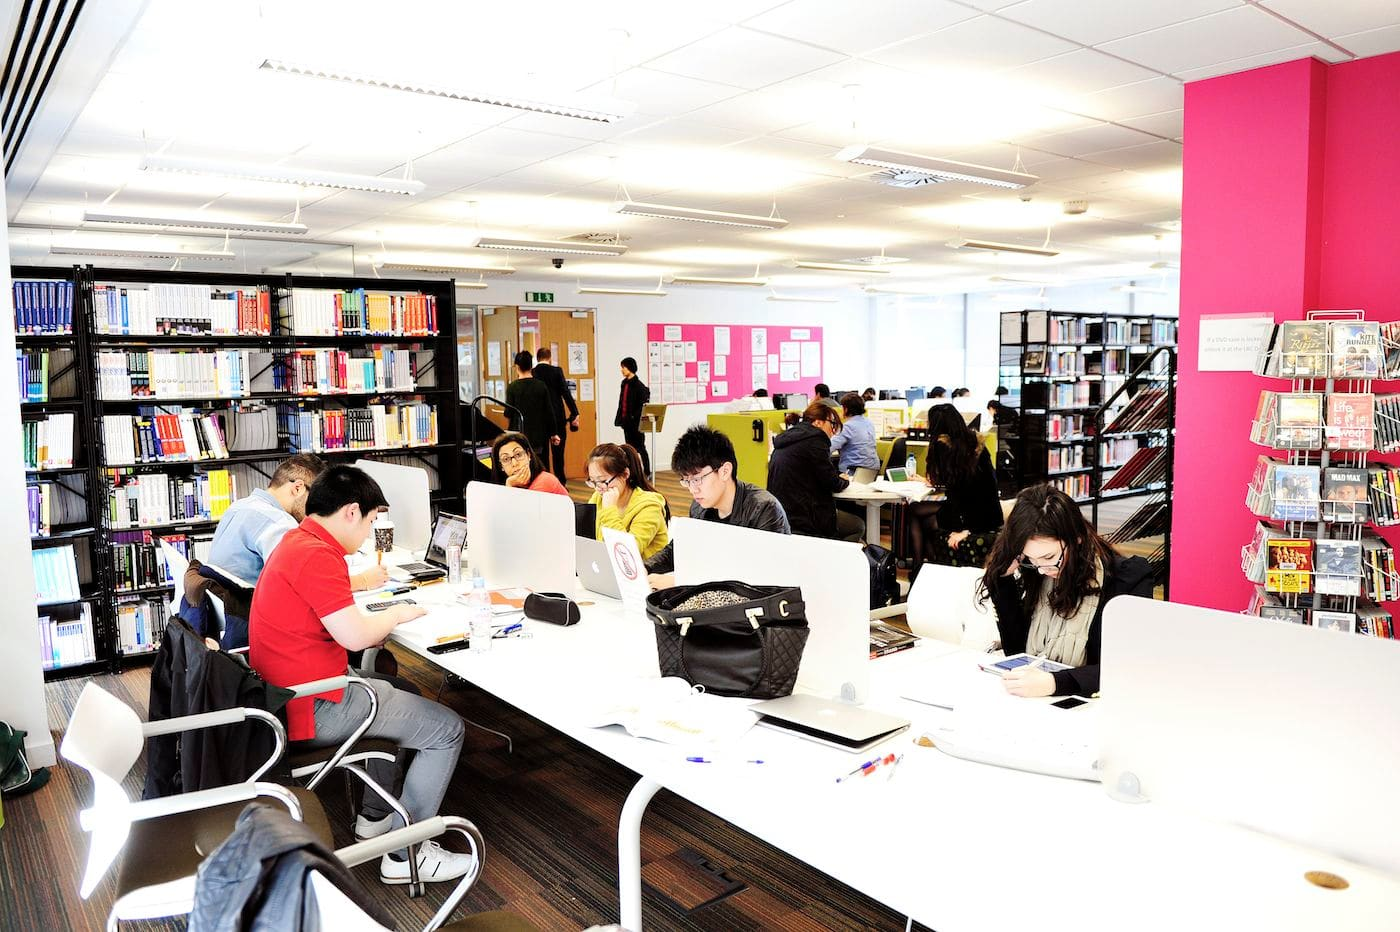 الاطلاع على الكتب، والمجلات والنشرات الدورية في مركز موارد التعلم